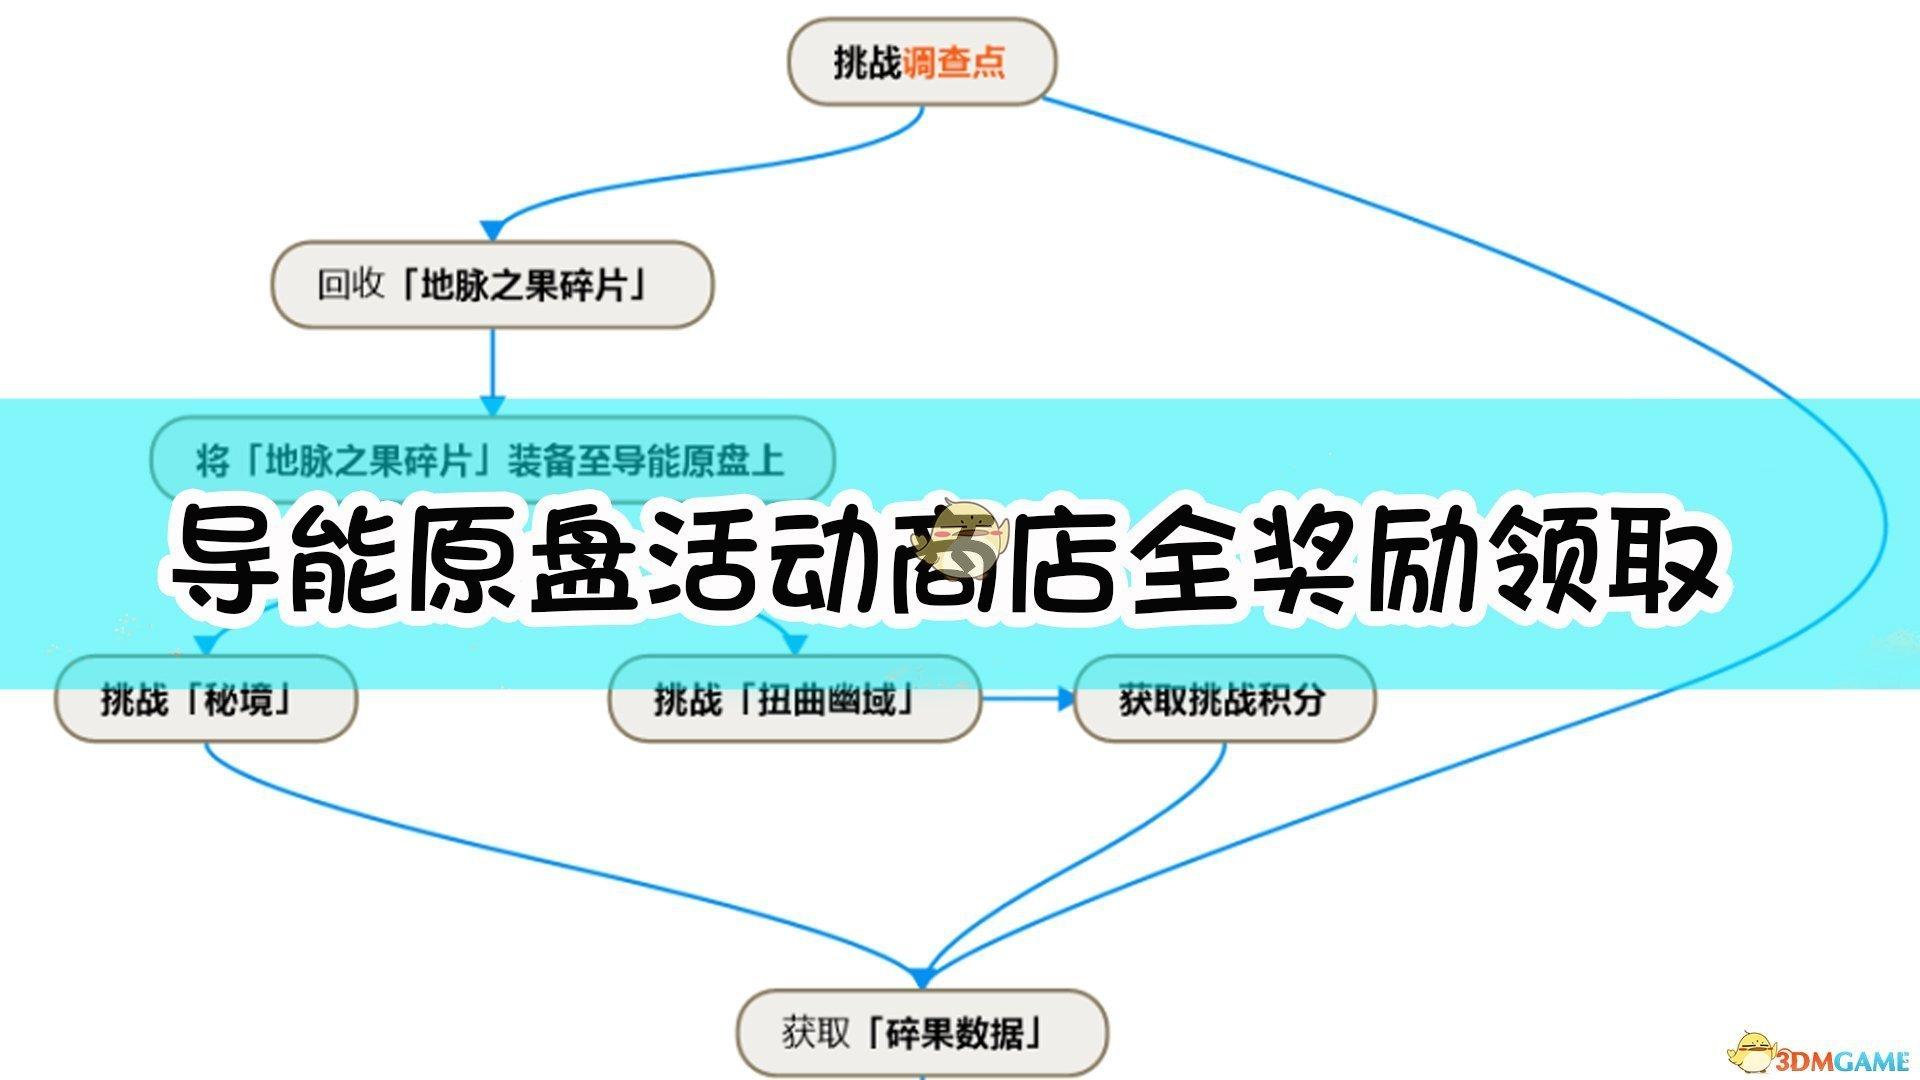 《原神》导能原盘活动商店全奖励领取方法